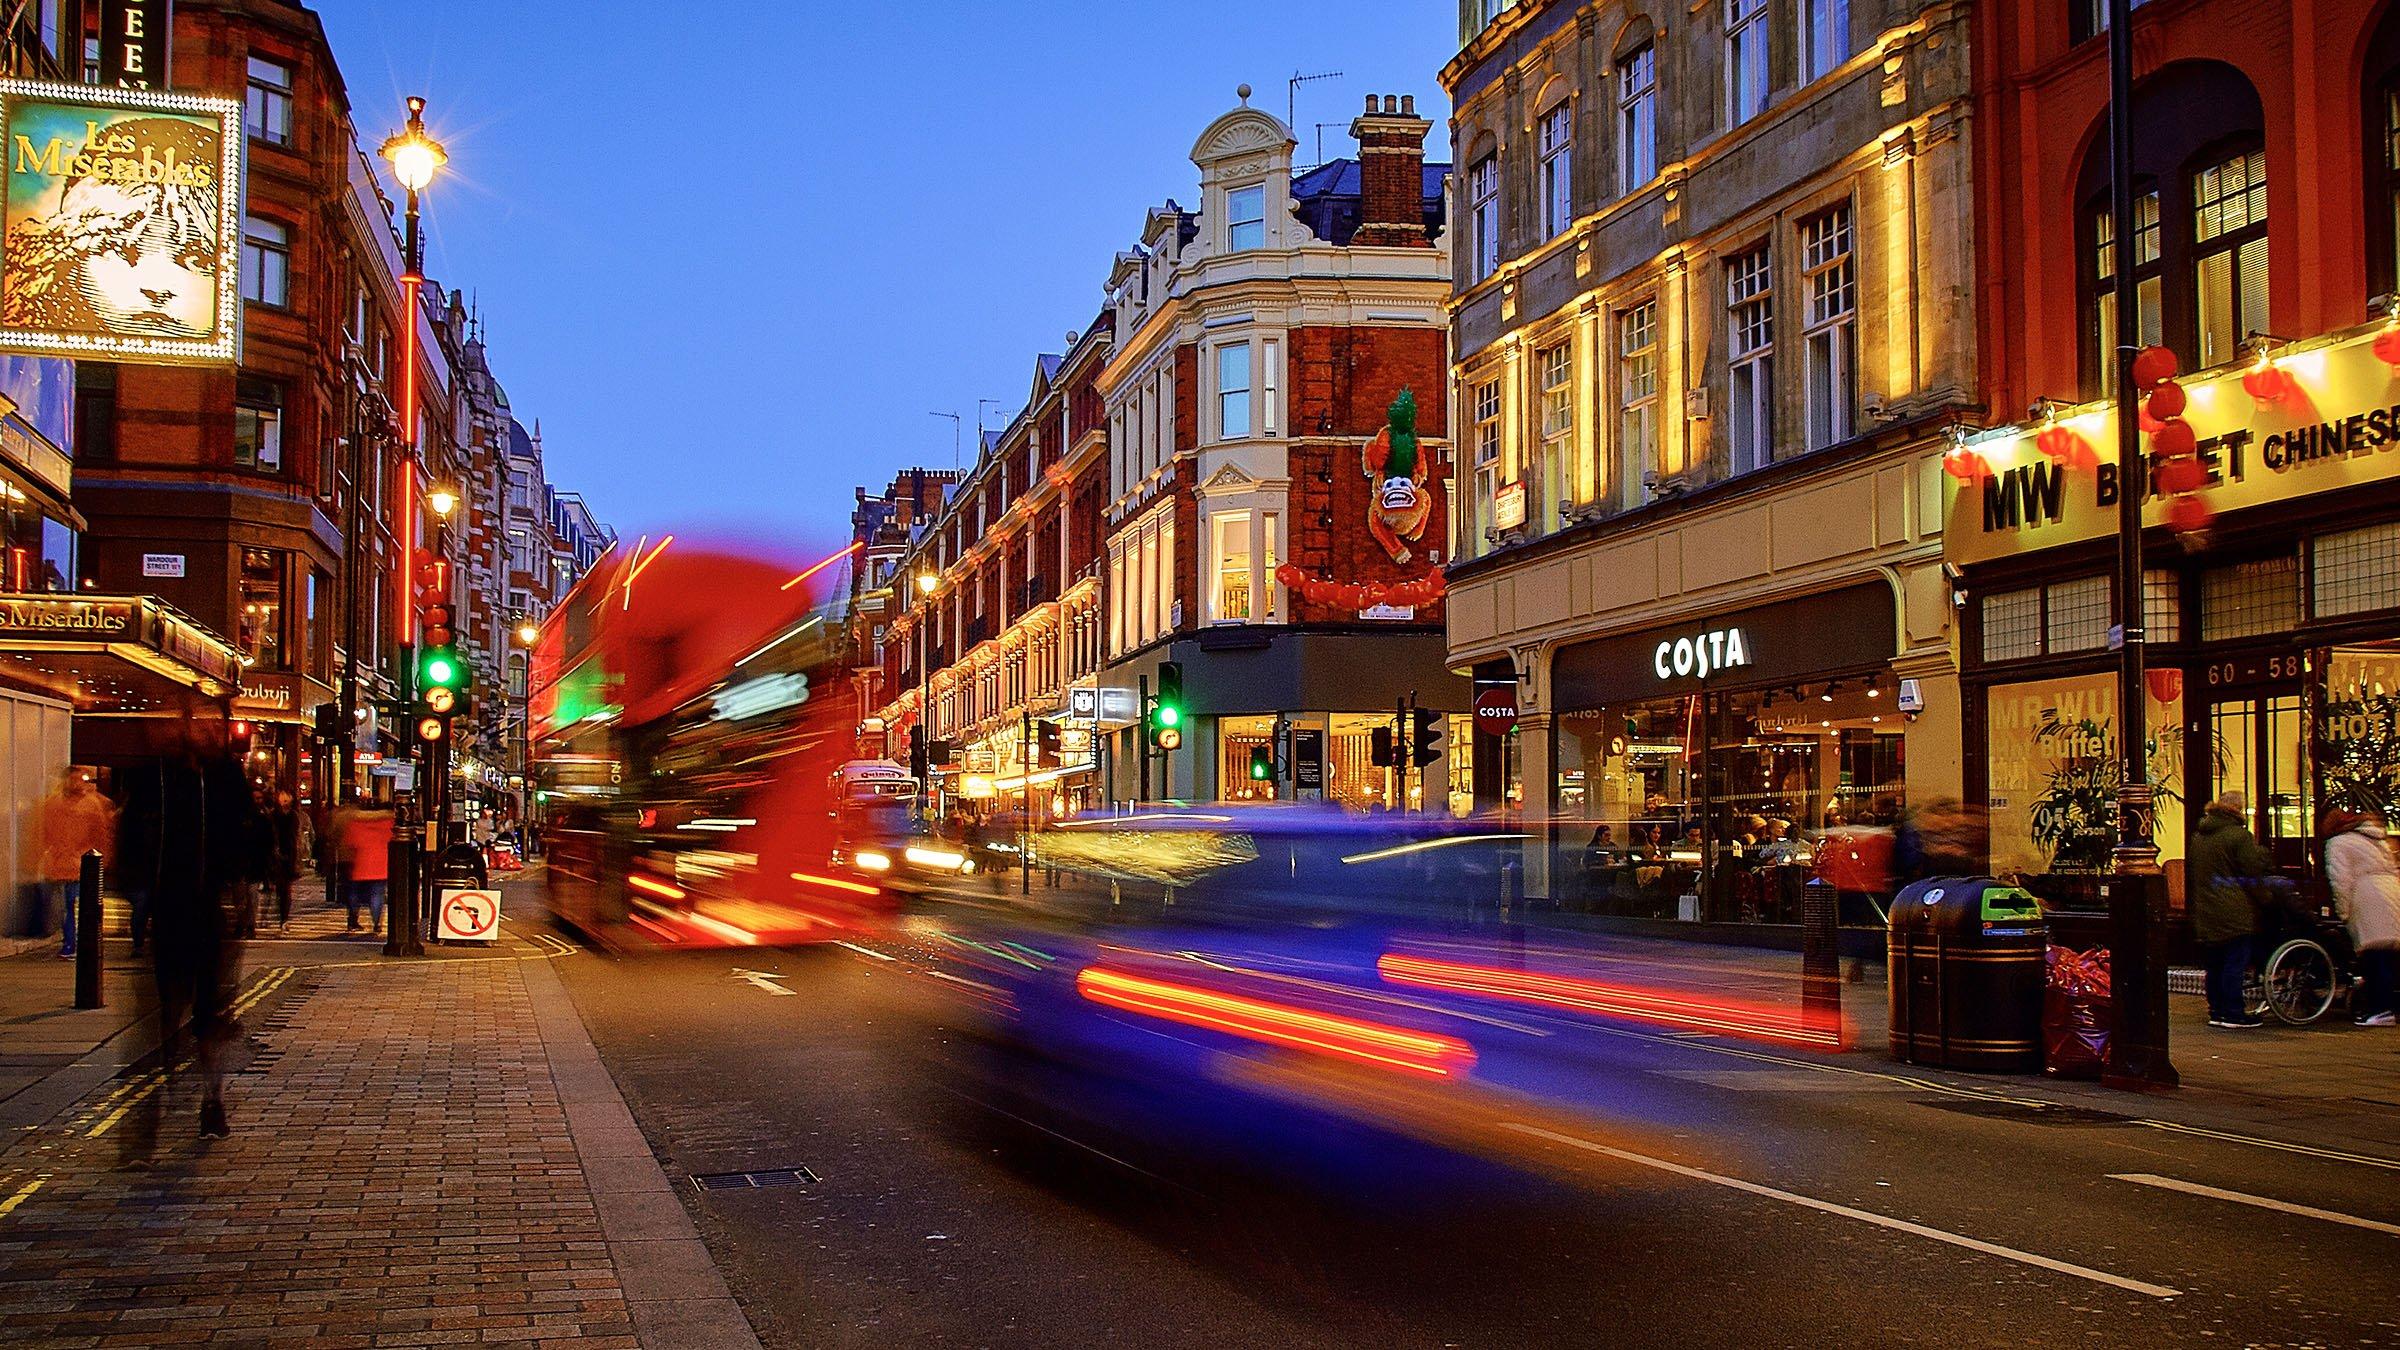 La cultura en Inglaterra ciudad de Londres